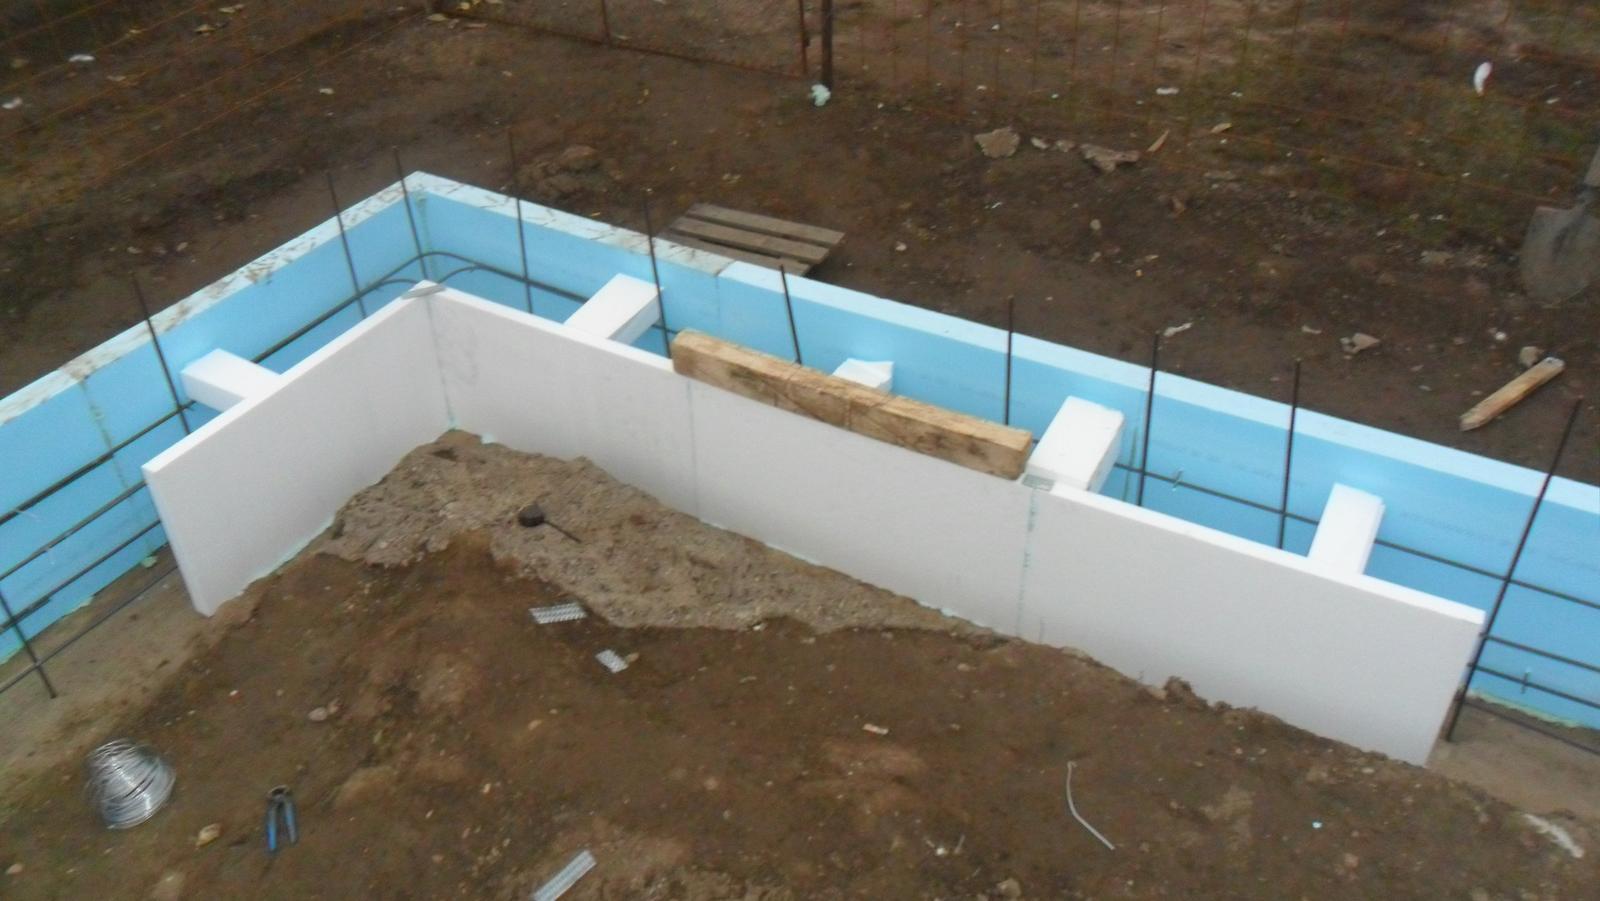 Domček pre moju rodinku :) - vnutorny salung eps 100s  50 mm tiez len lepeny o beton, tie kvadre polystyrenove su len nato, ked to prihrniem hlinou aby sa to neprevalilo dovnutra